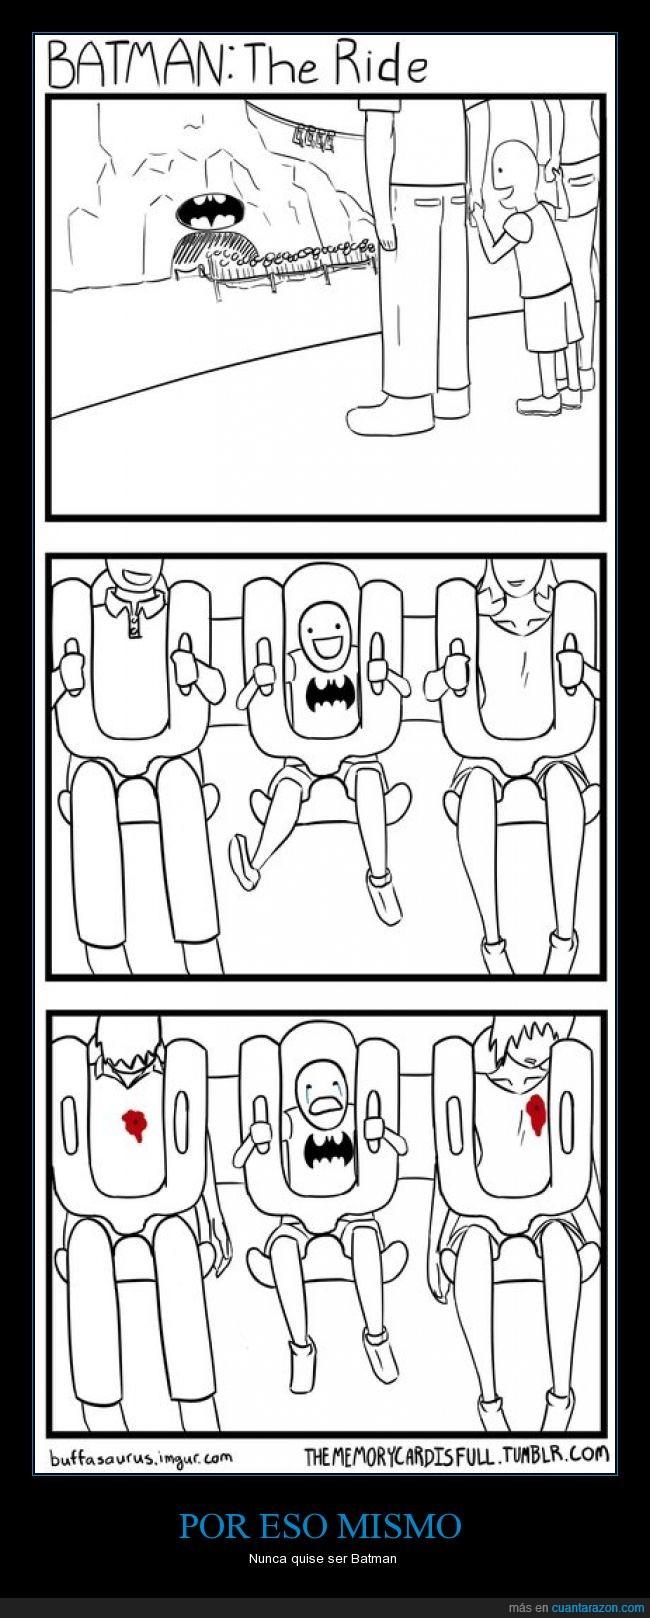 atracción,Batman,cómic,como,dibujos,huerfano,humor,juegos mecánicos,morir,niño